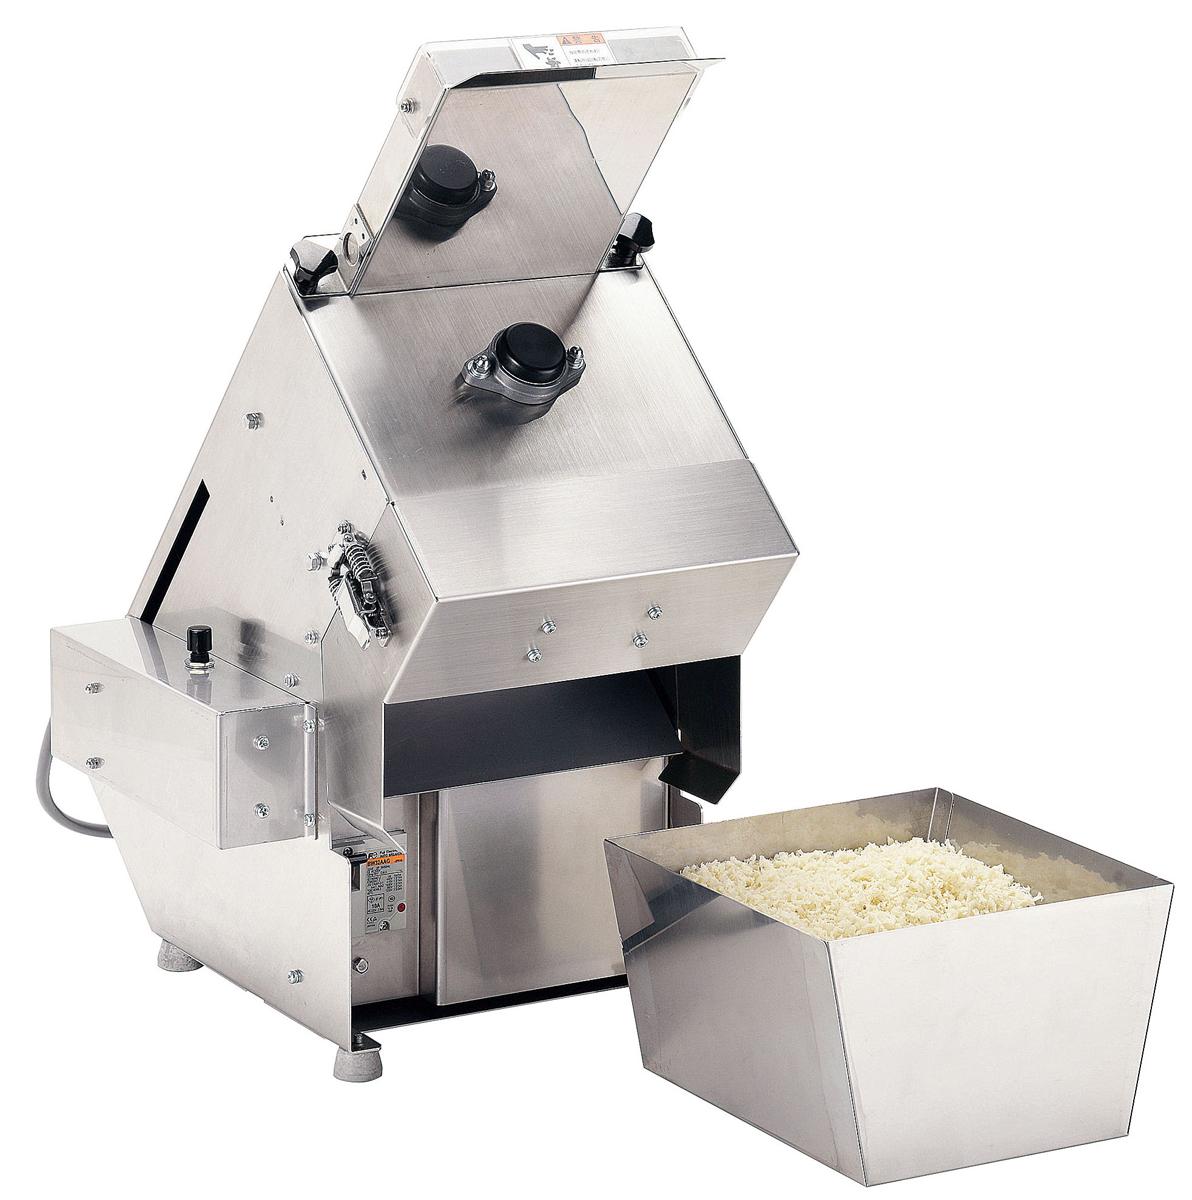 アルファ 生パン粉製造機 PT300 6-0655-0501【厨房用品 厨房機器 設備 フライヤー 関連用品 業務用 販売 通販】[10P03Dec16]